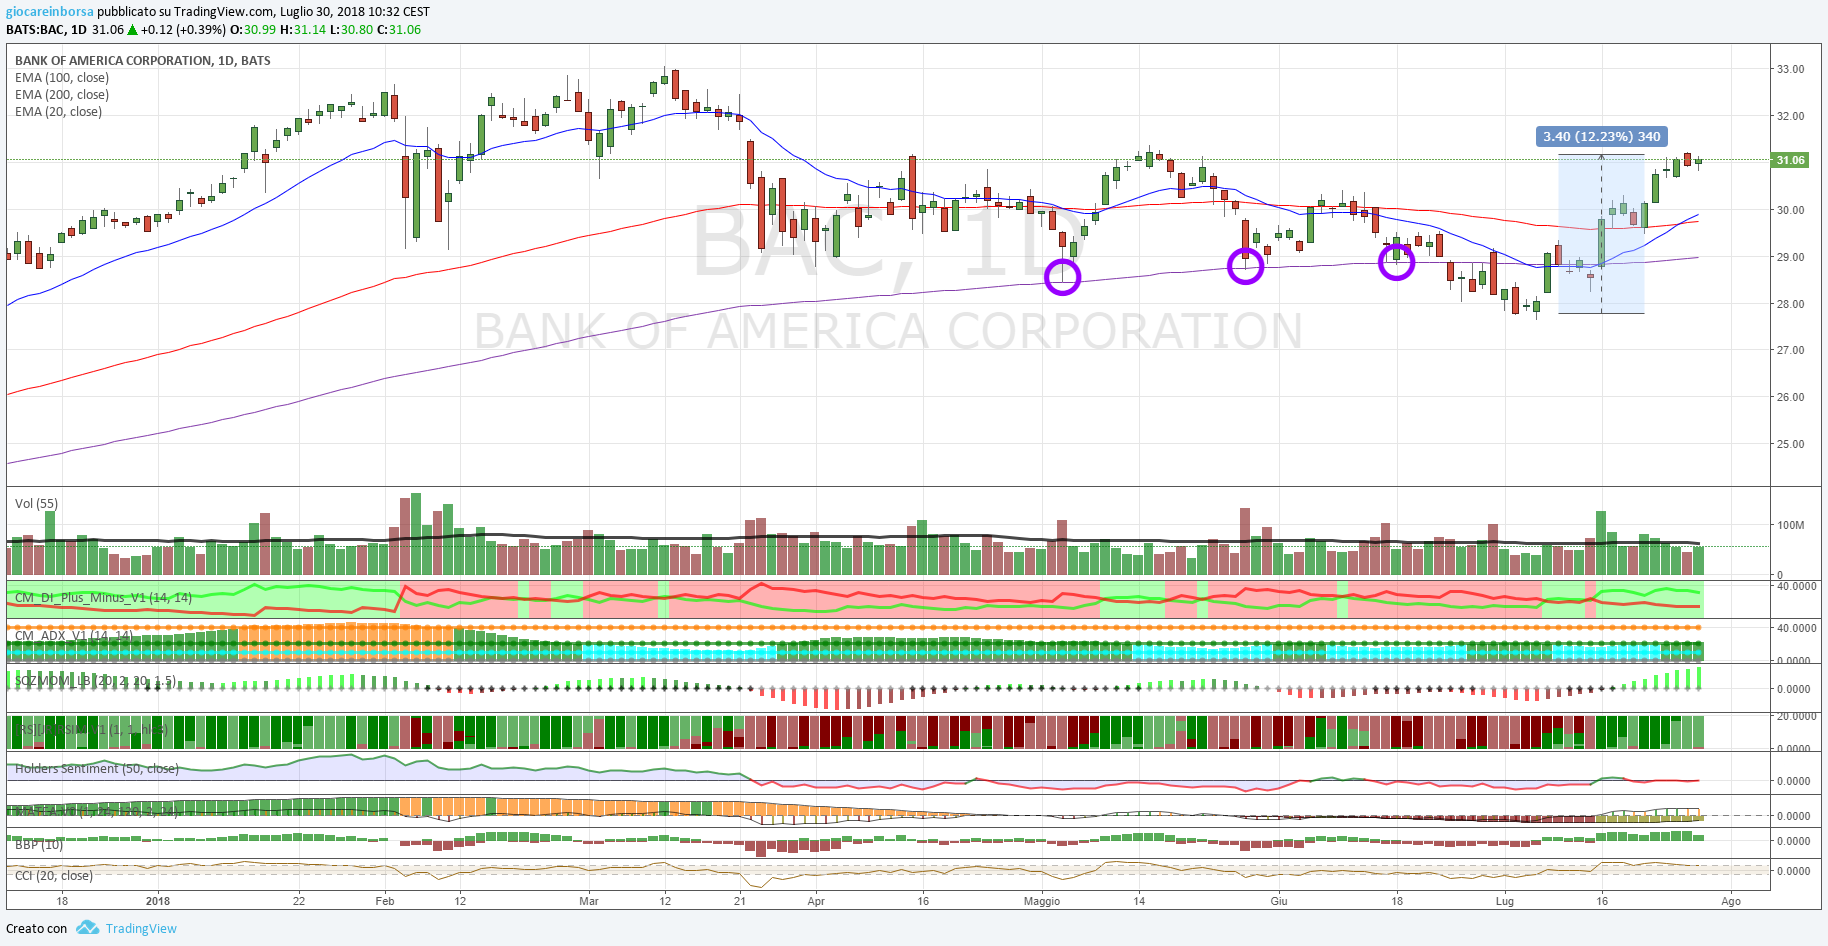 Azione Bank of America, buona forza rialzista!